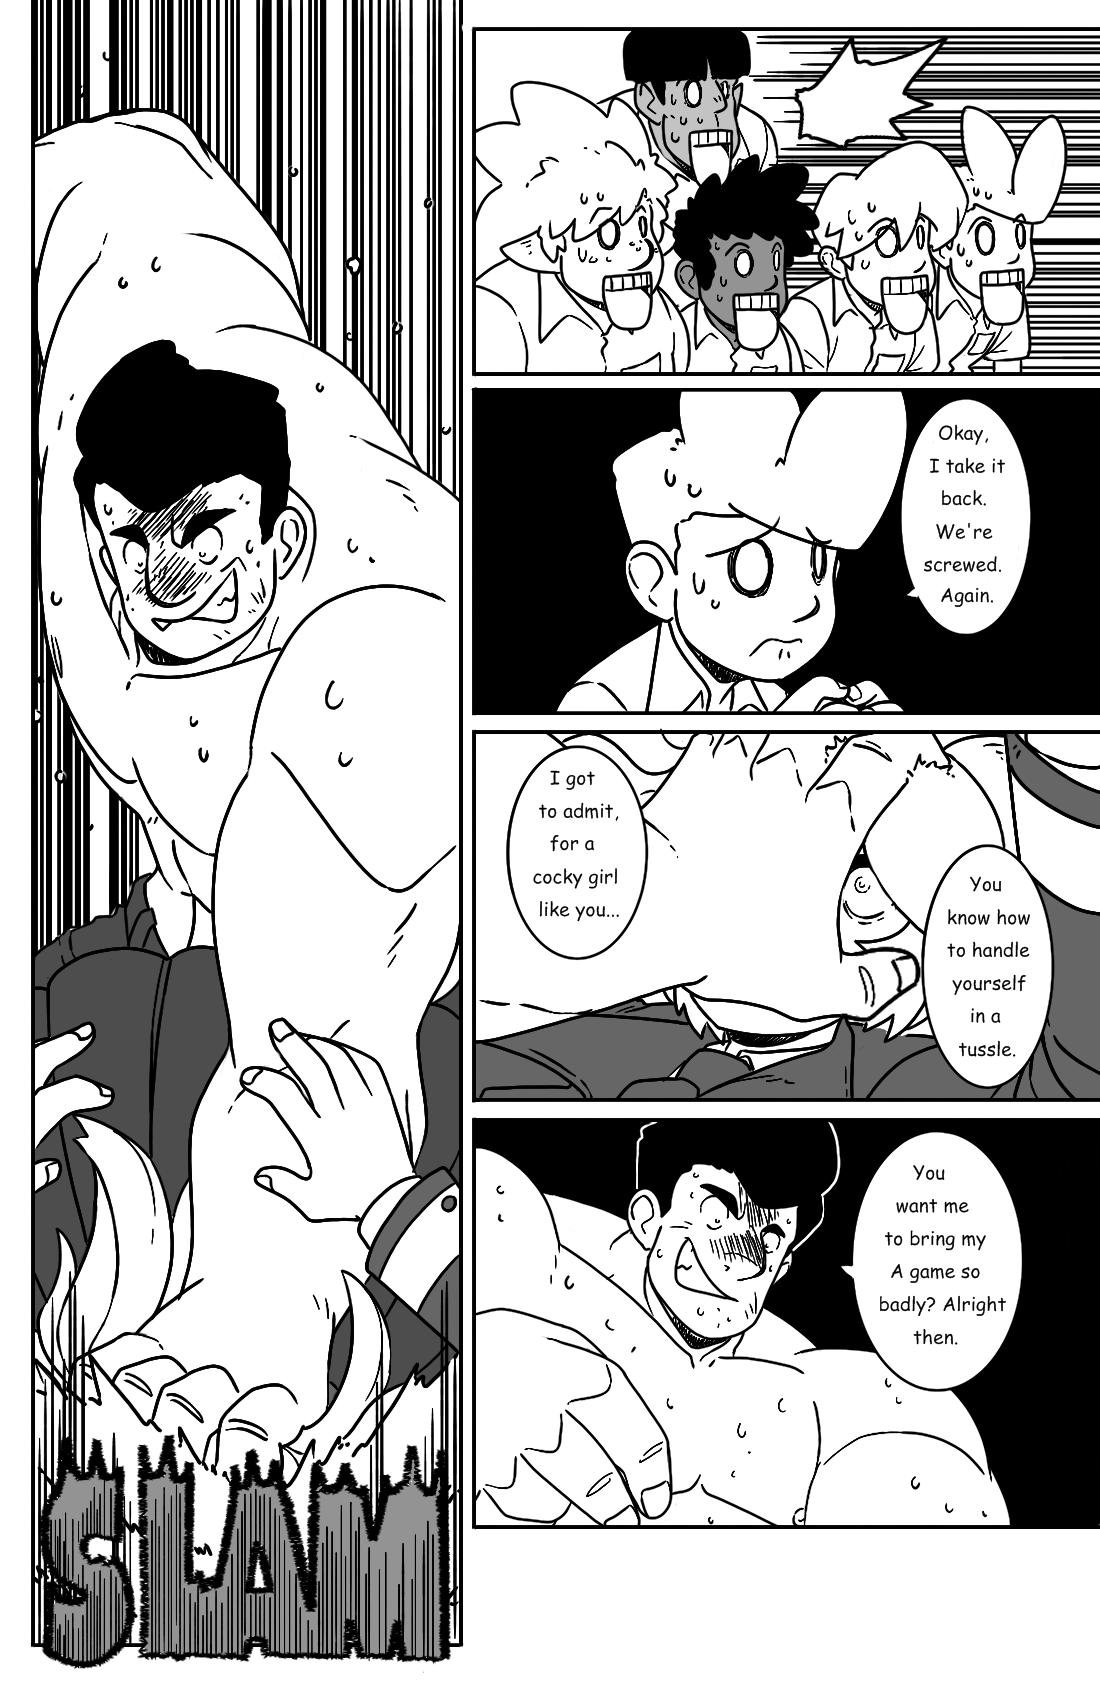 Bully Bully Part 2 pg.24